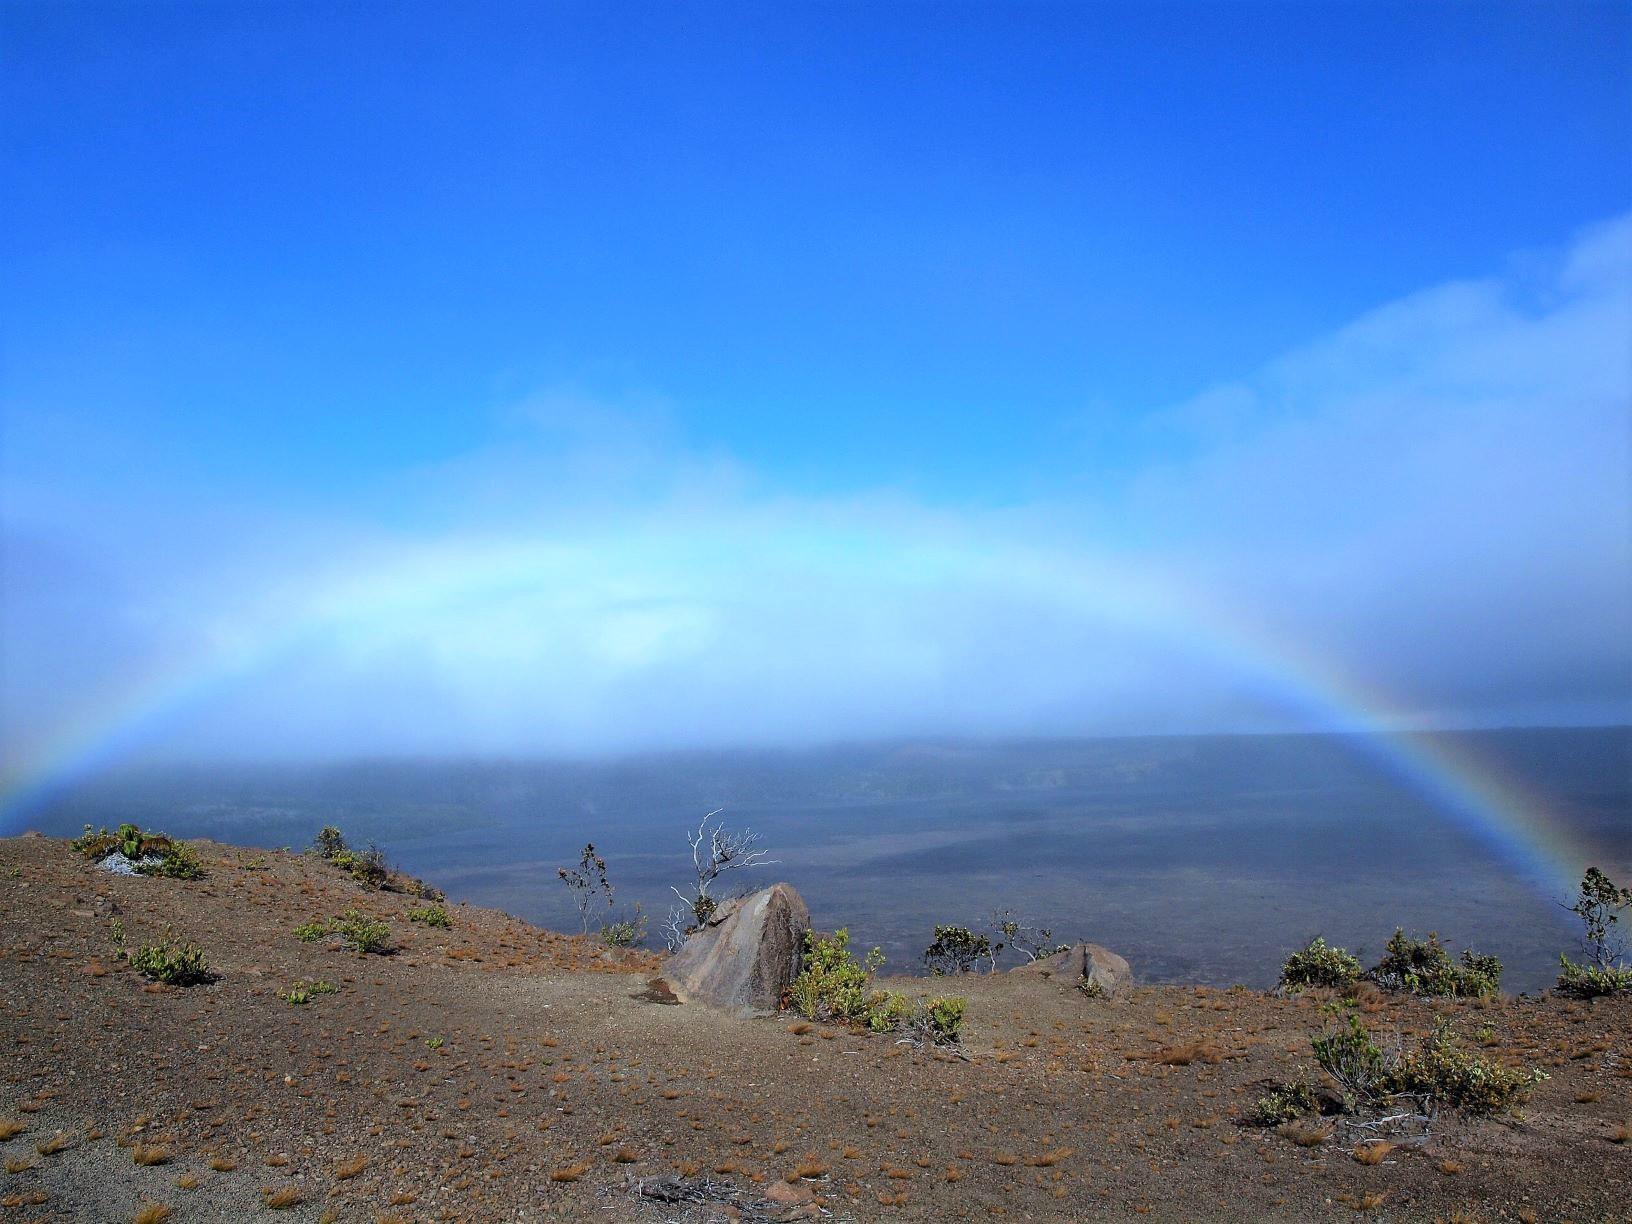 ハワイ火山国立公園のキラウエアイキ火口に現れた幻想的な虹(3日目)